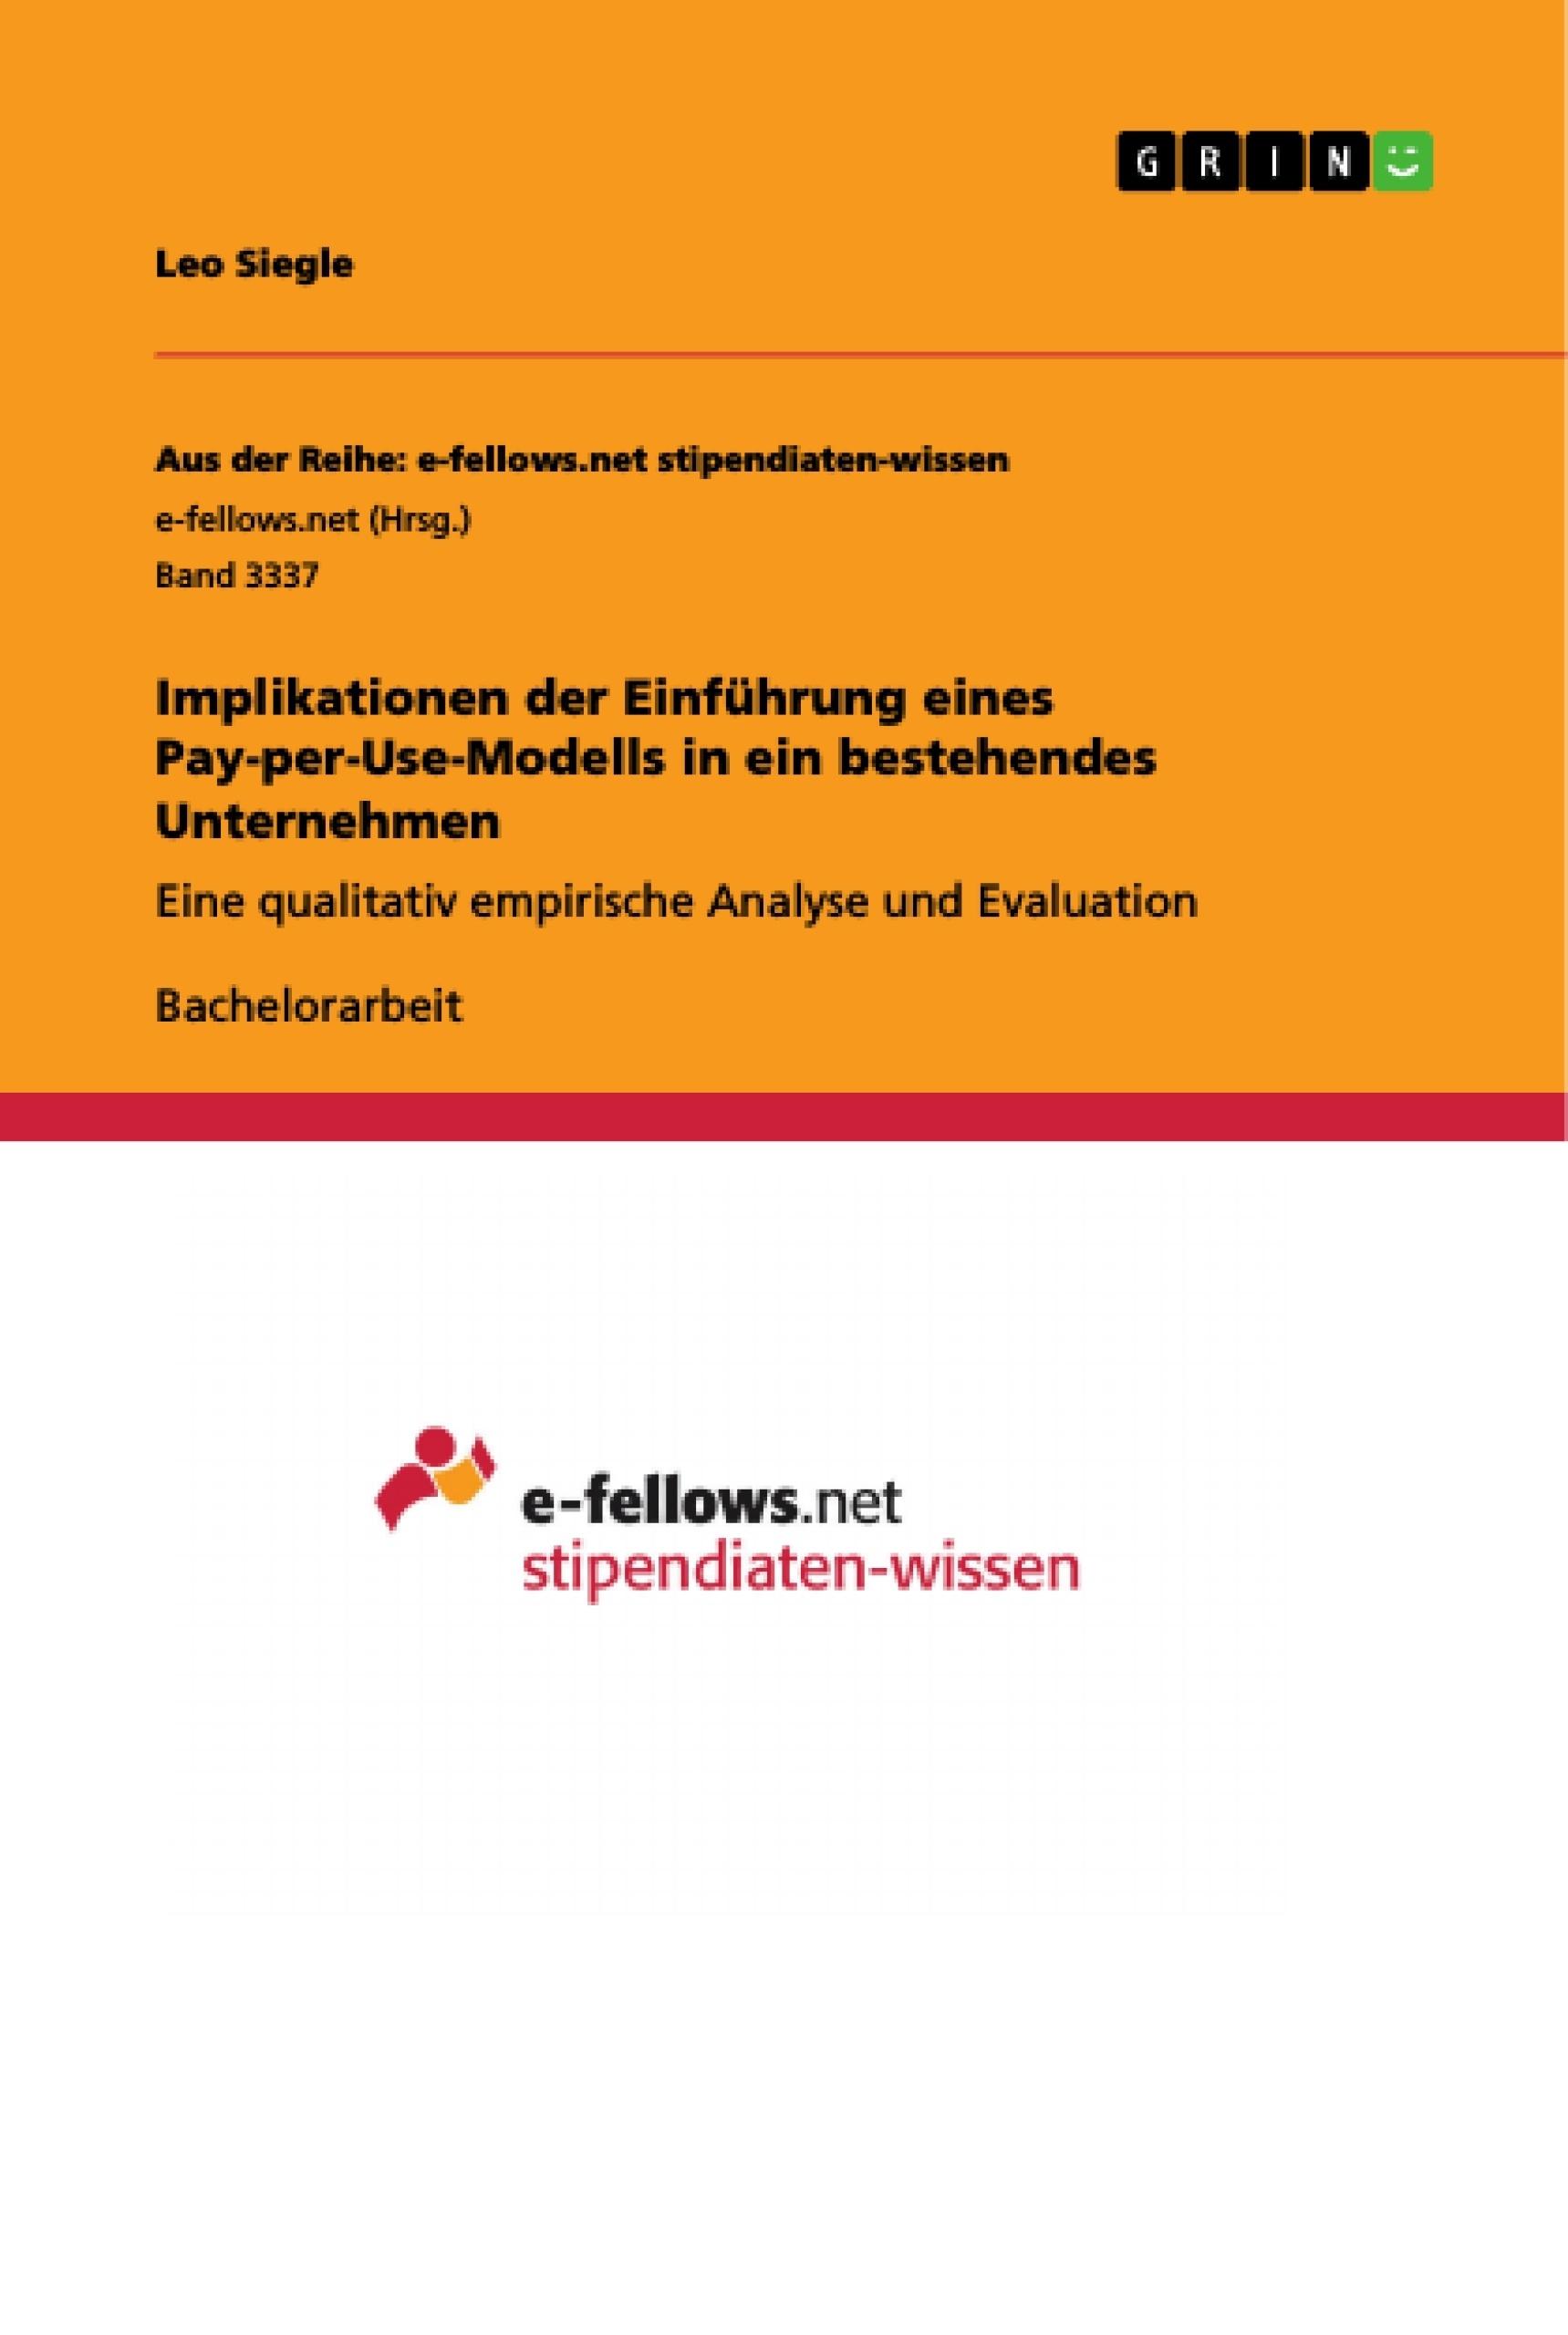 Titel: Implikationen der Einführung eines Pay-per-Use-Modells in ein bestehendes Unternehmen